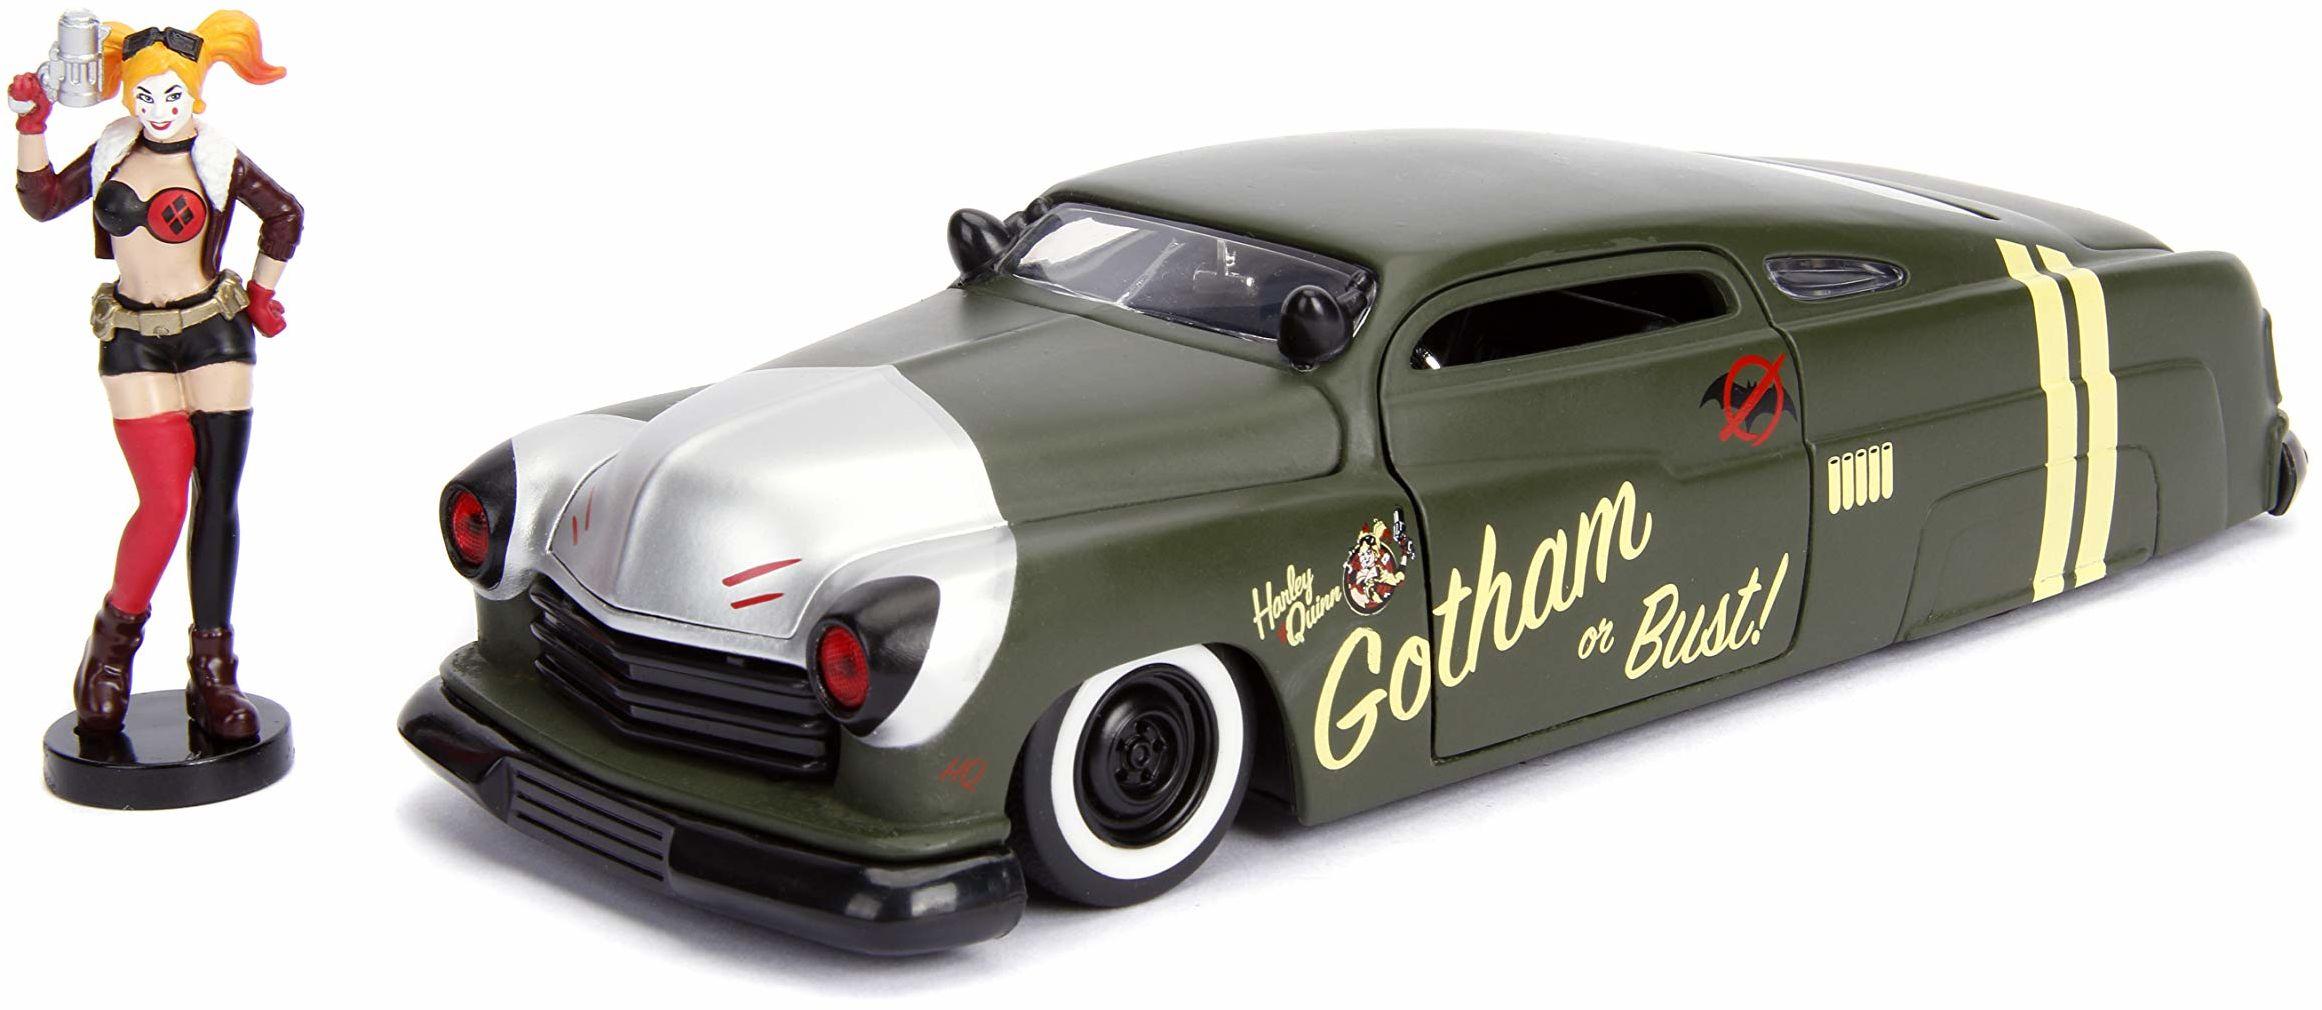 Jada Toys 253255005 DC Comics Bombshells, 1951 Mercury, samochód zabawkowy z Die-cast, drzwi, bagażnik i maska silnika do otwierania, w zestawie figurka Harley Quinn, skala 1:24, czarna, szara